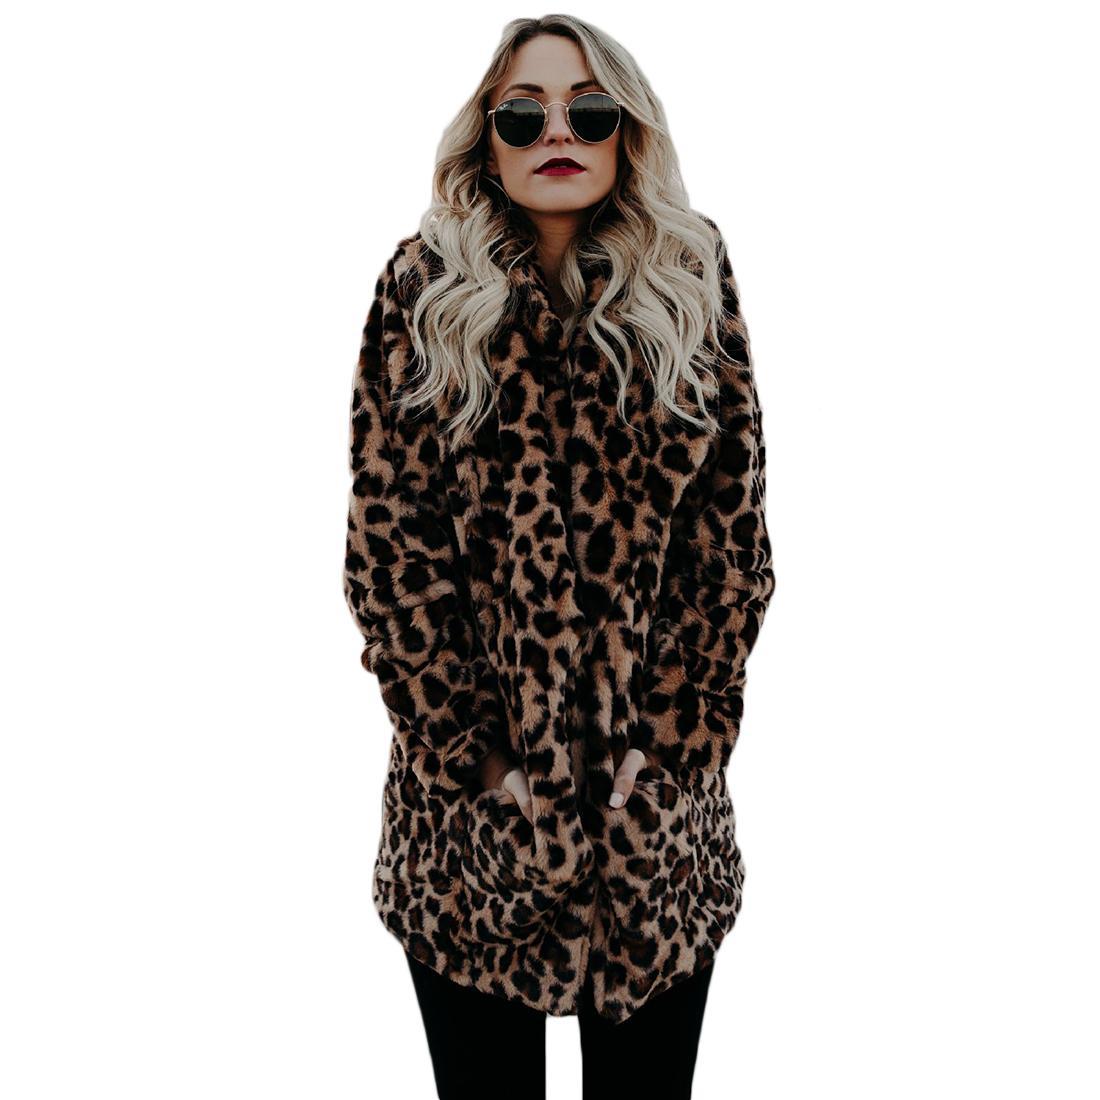 All'ingrosso-YJSFG HOUSE di alta qualità di lusso faux fur coat per le donne cappotto inverno caldo moda leopardata pelliccia artificiale giacca da donna